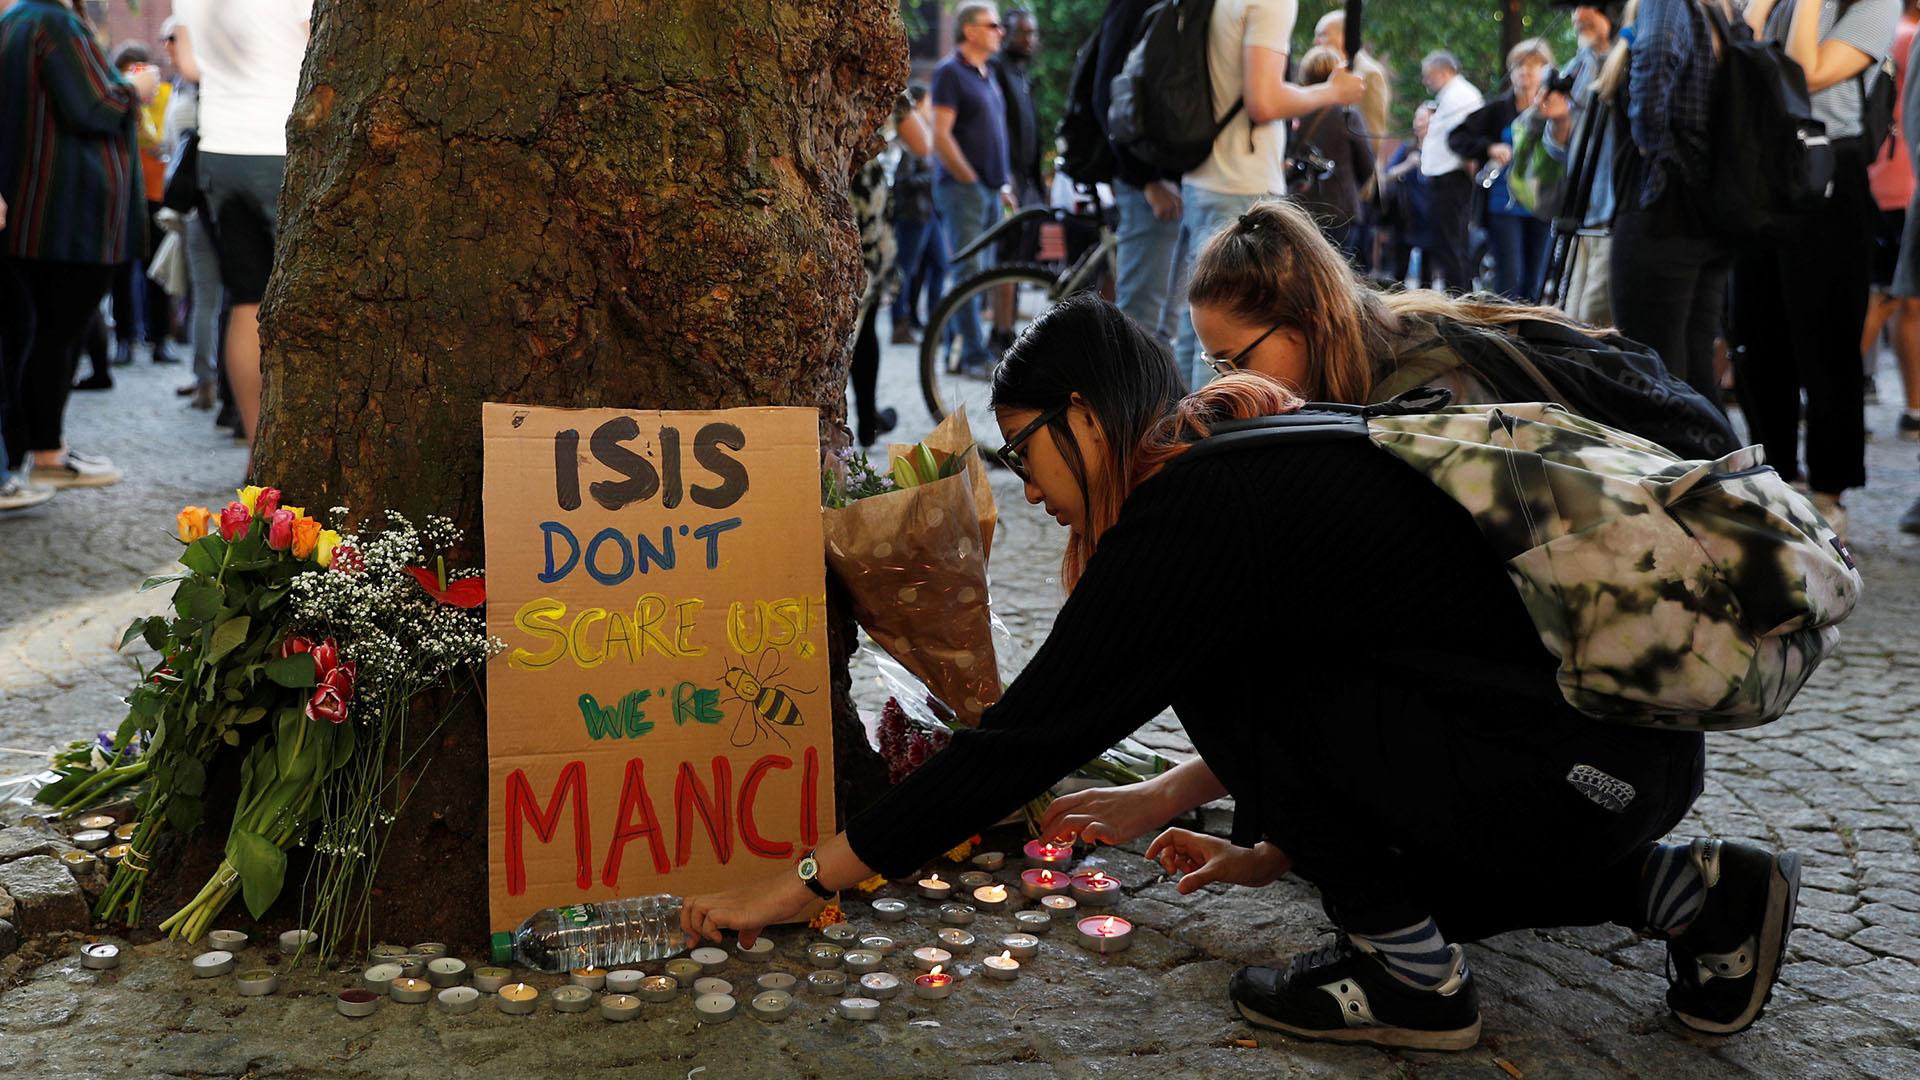 Asume EI la autoría del atentado de Manchester